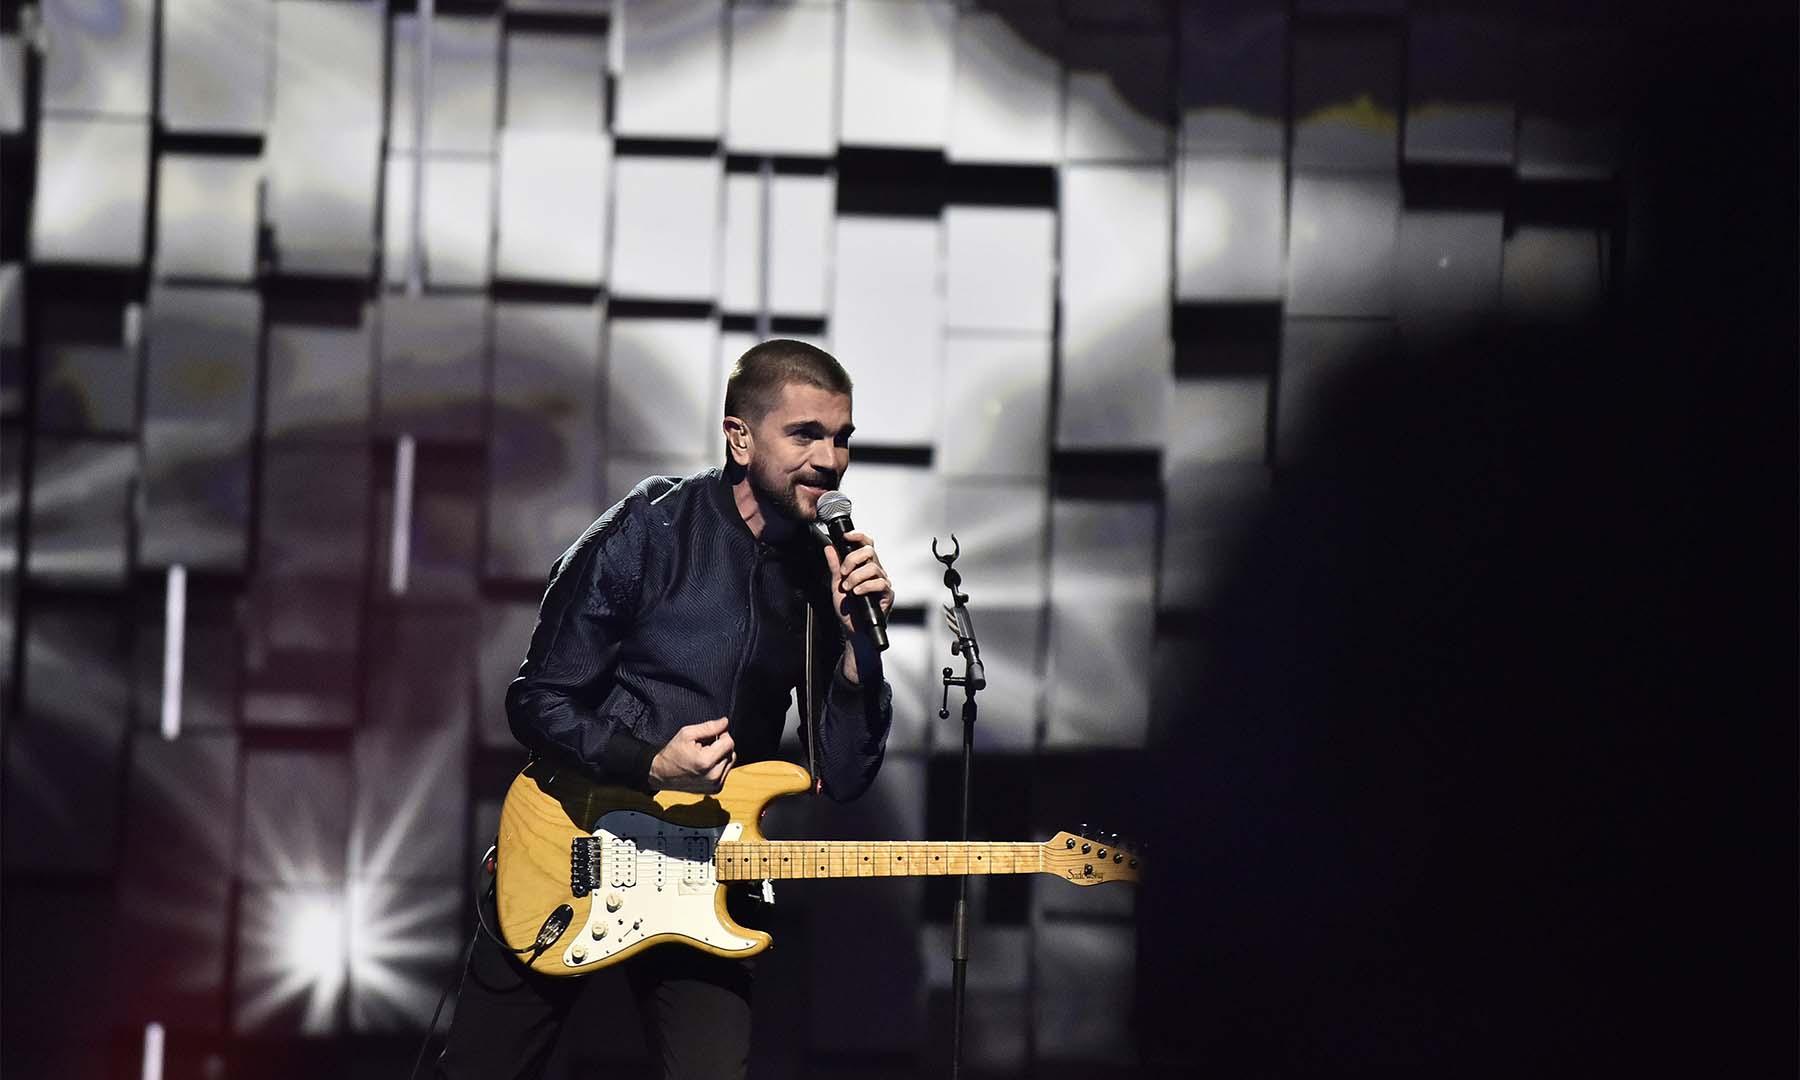 El cantante colombiano Juanes participó, interpretando varios de sus éxitos, en el Concierto del Premio Nobel de Paz, en homenaje al Presidente Juan Manuel Santos.